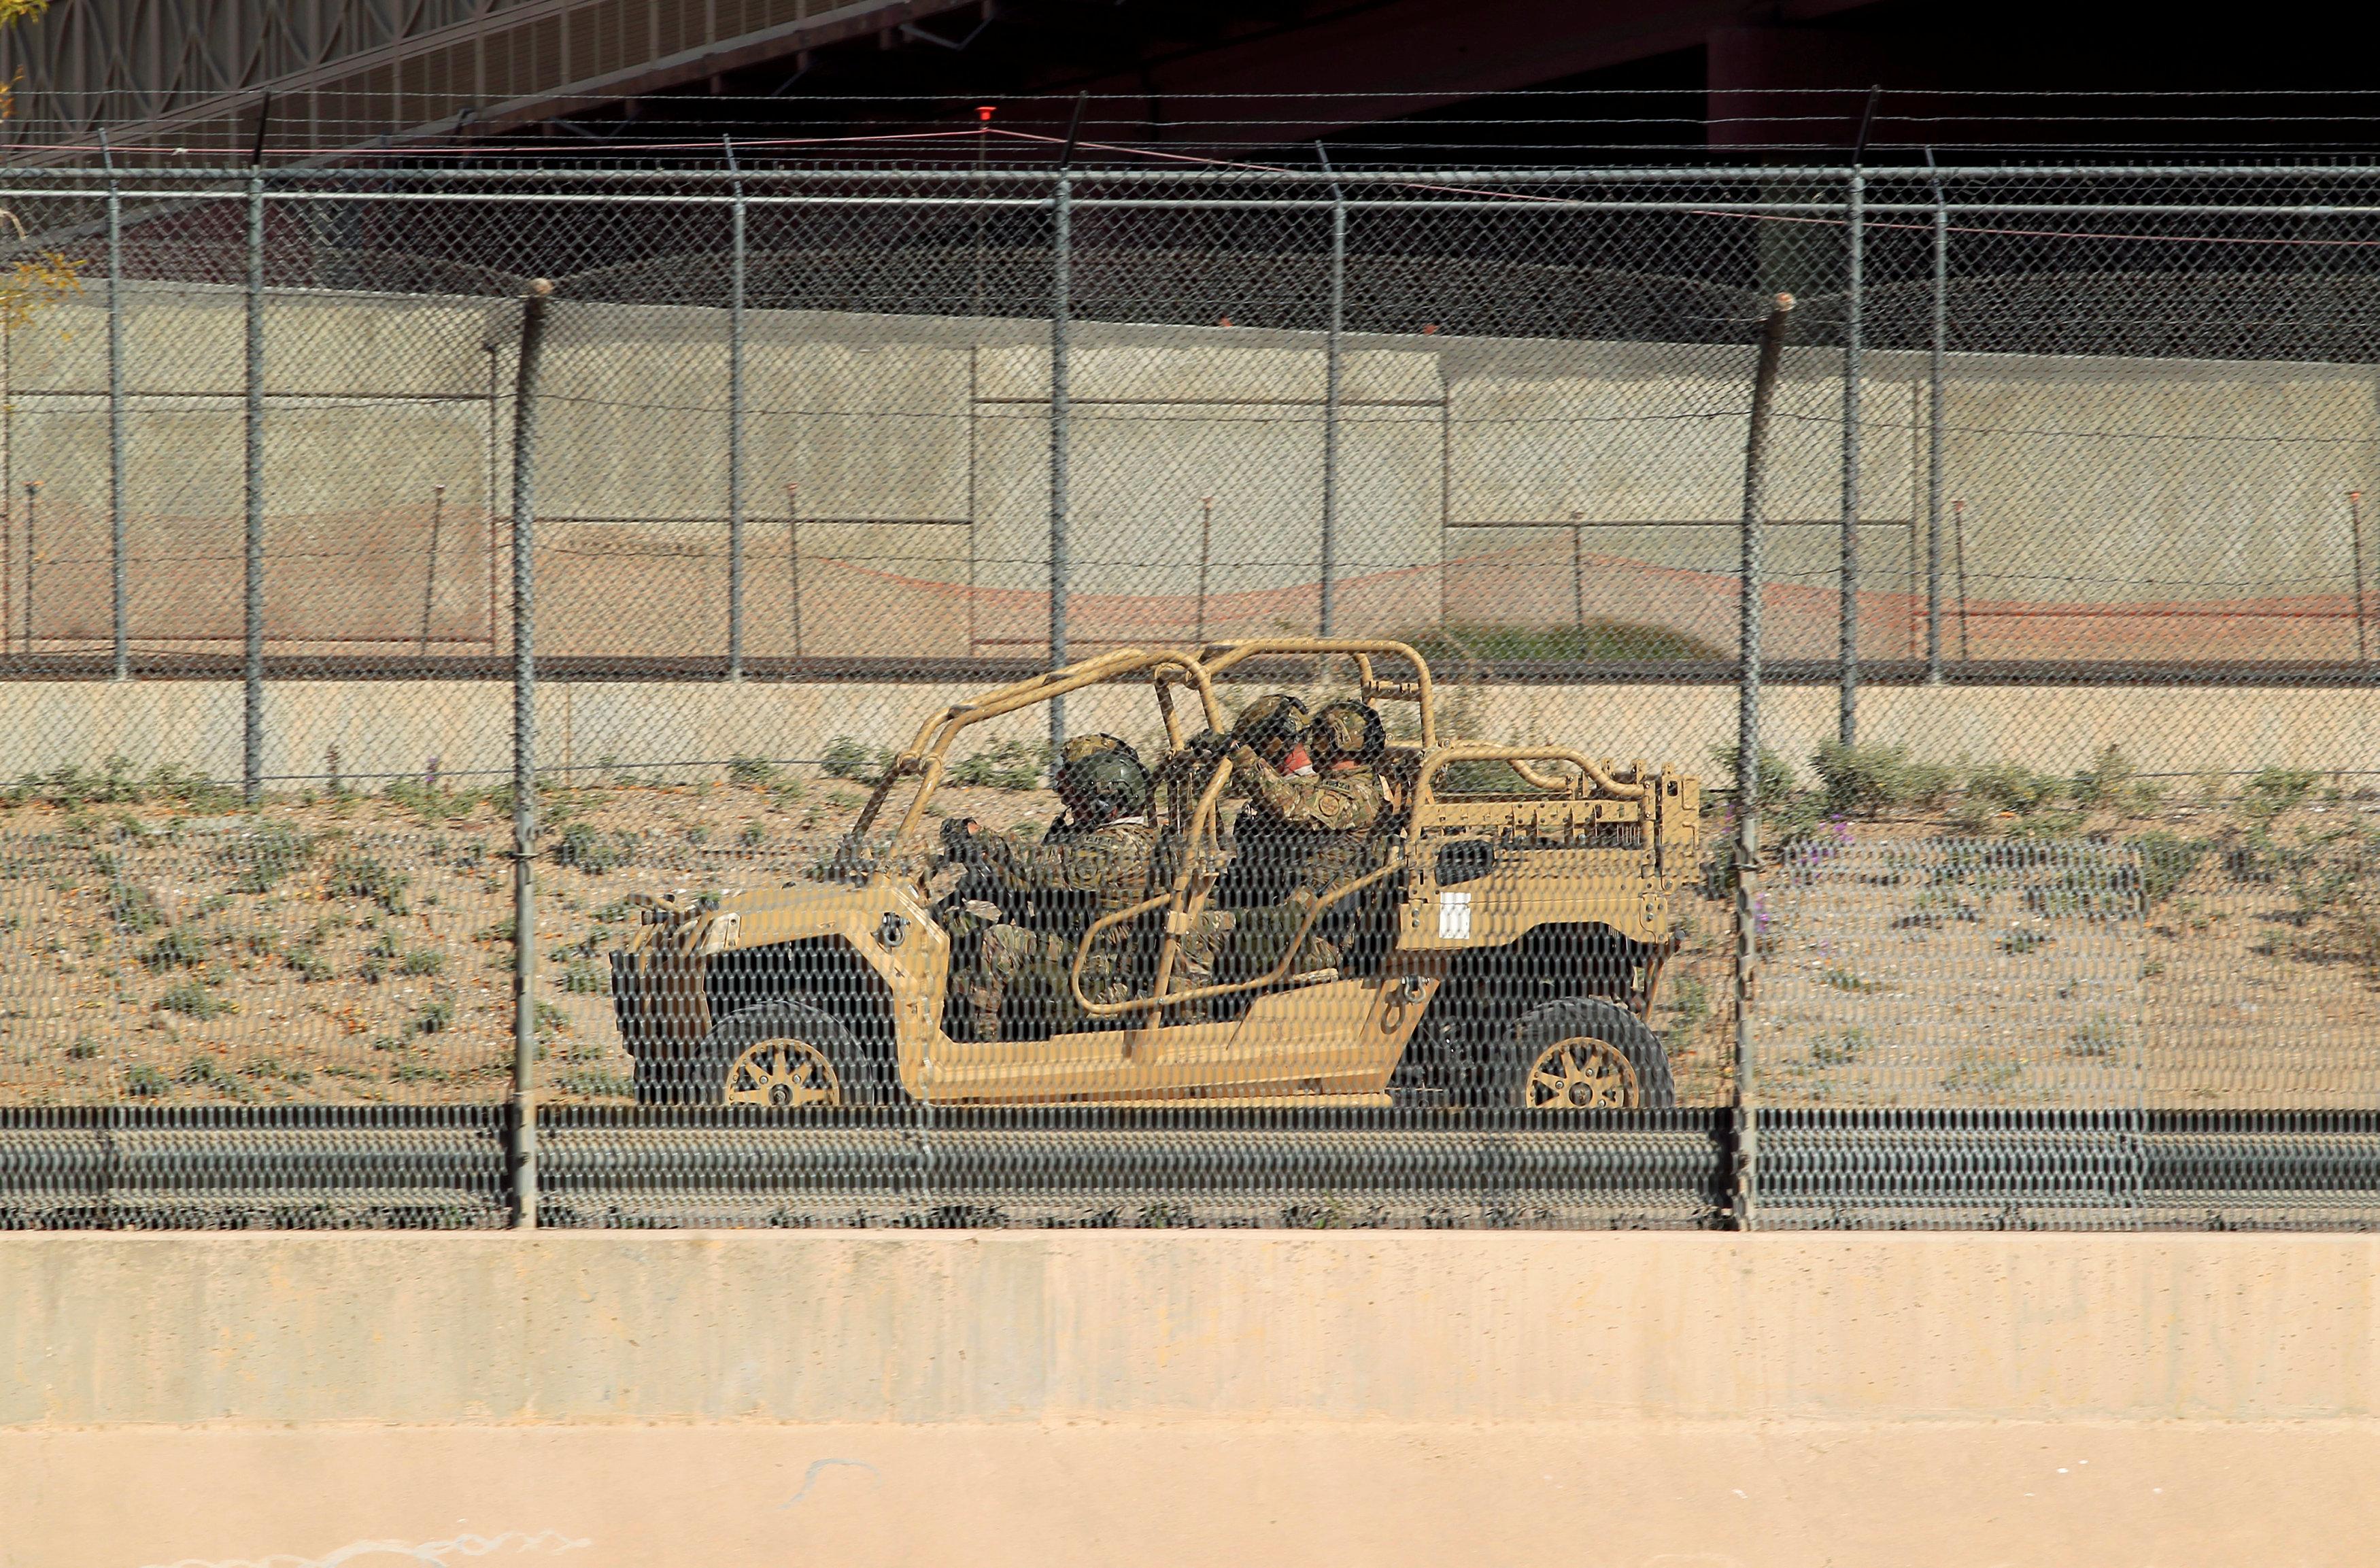 2181240-ناقلة-جنود-على-الحدود-مع-المكسيك